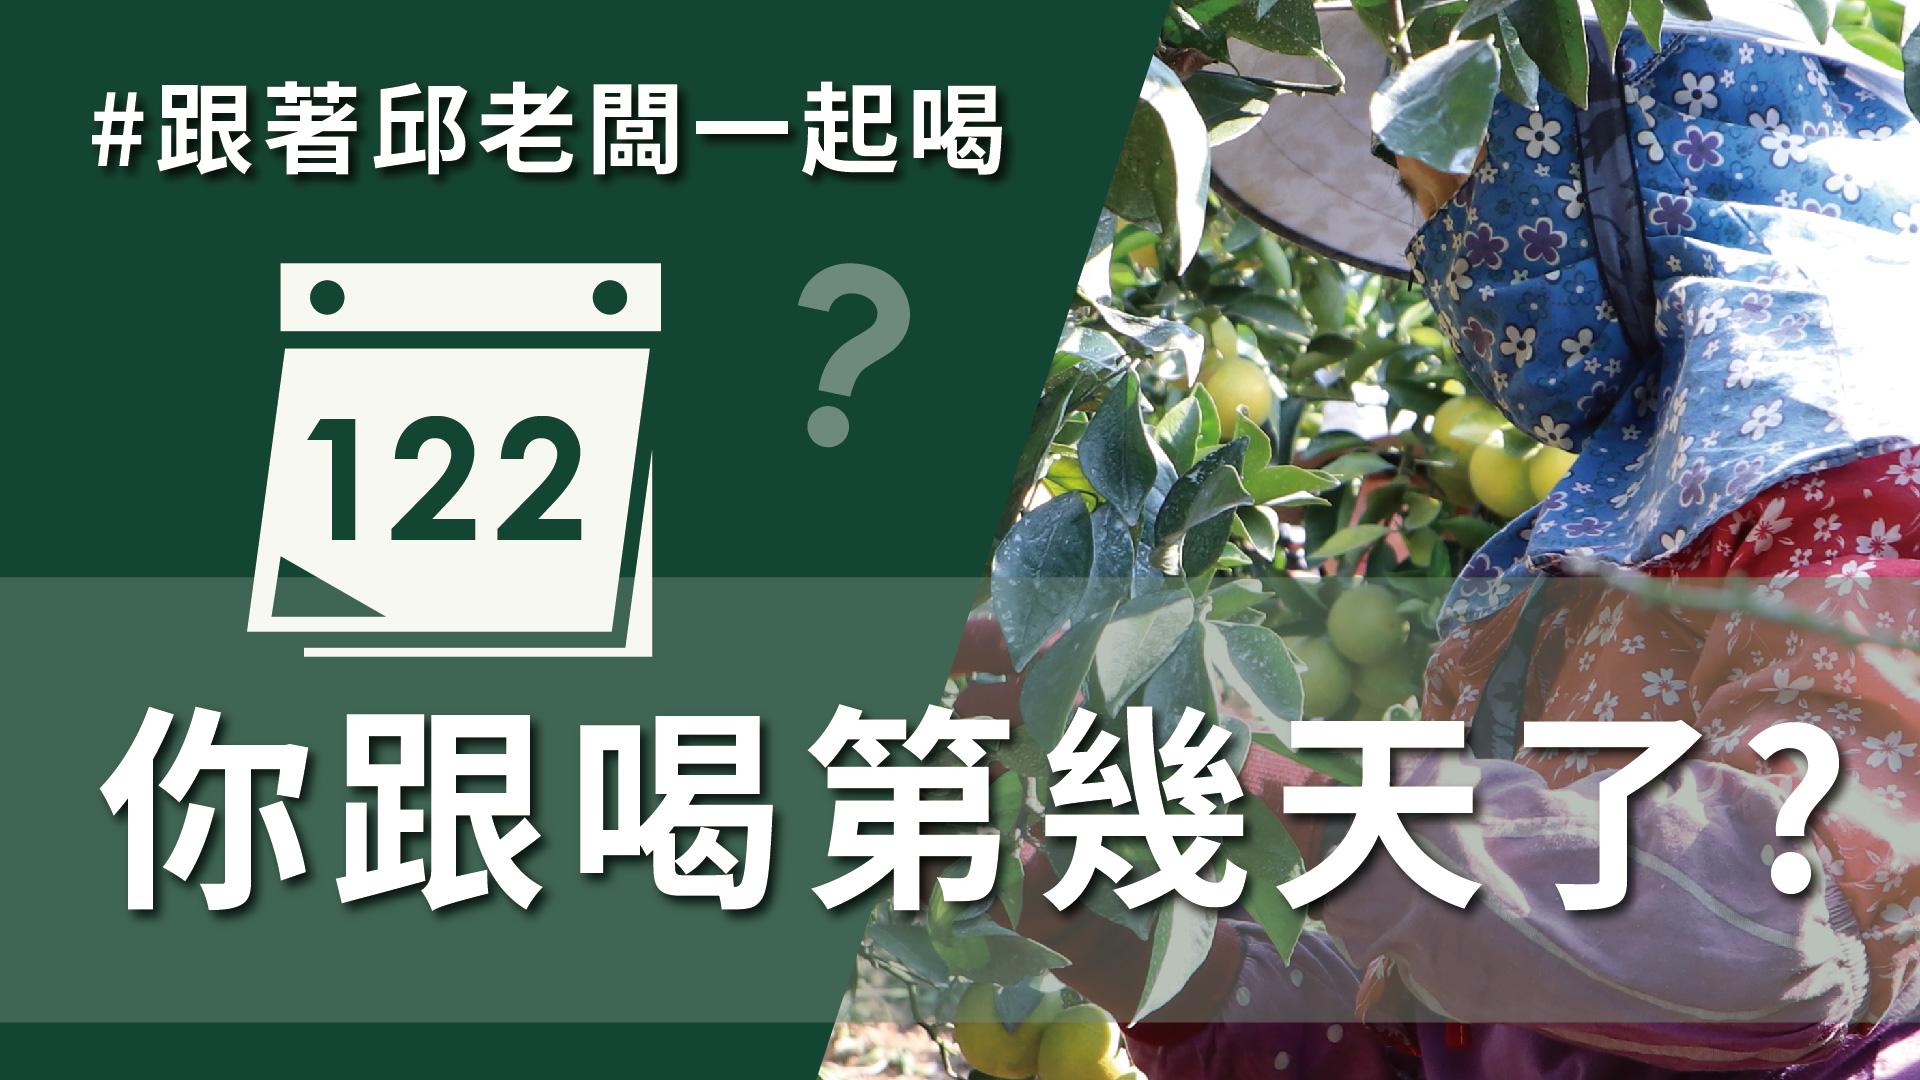 飲料控喝起乃! 2020熱門第一名台灣鮮搾柳橙綠,最清爽順口的口感!您一定要試看看! #1月13日 #DAY122